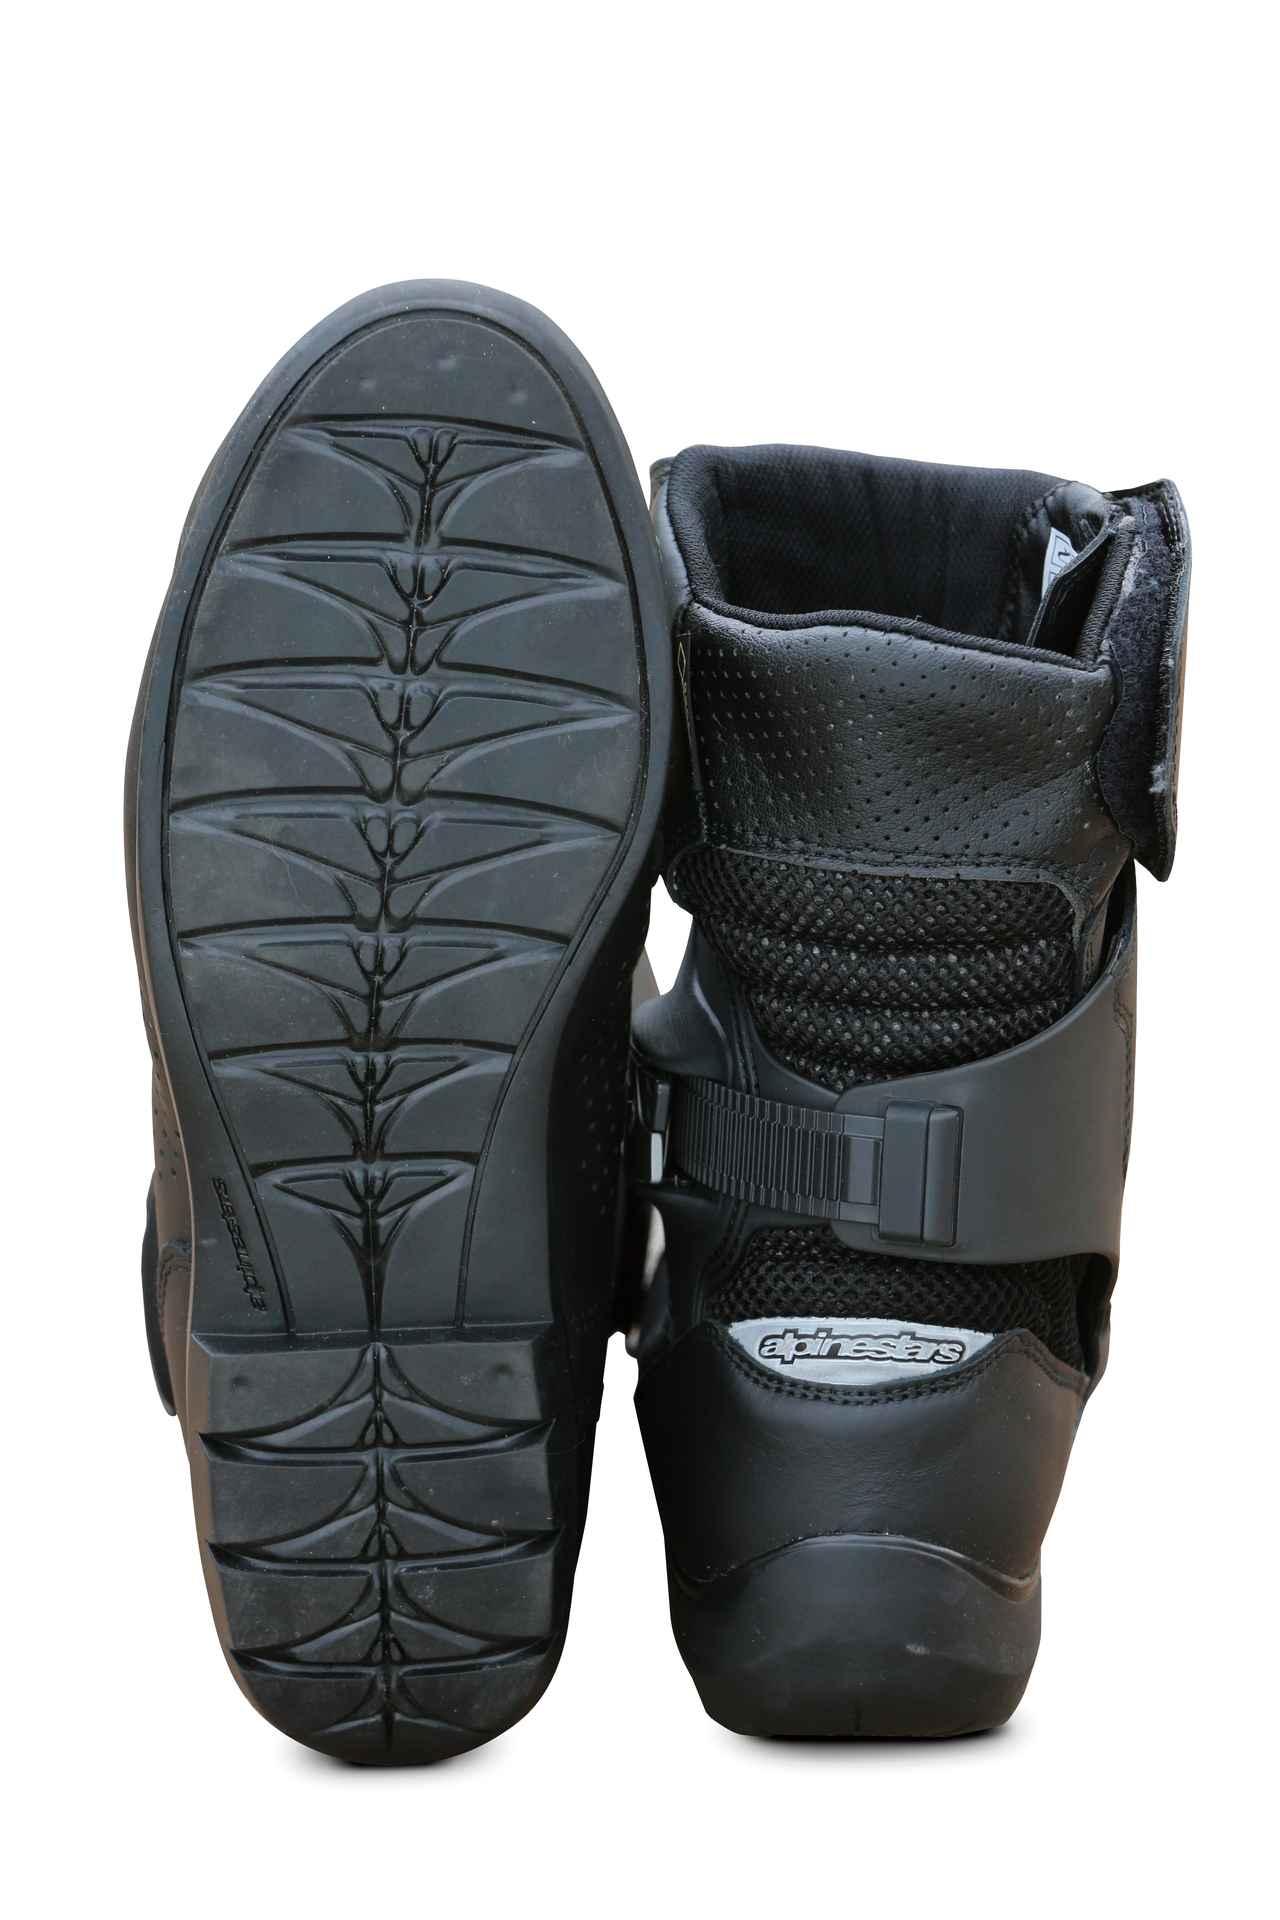 画像: ソールはオフロードを歩いても滑りにくいパターンを採用。高さ約25㎝のミドル丈でプロテクション性能と履きやすさがうまくバランスしている。